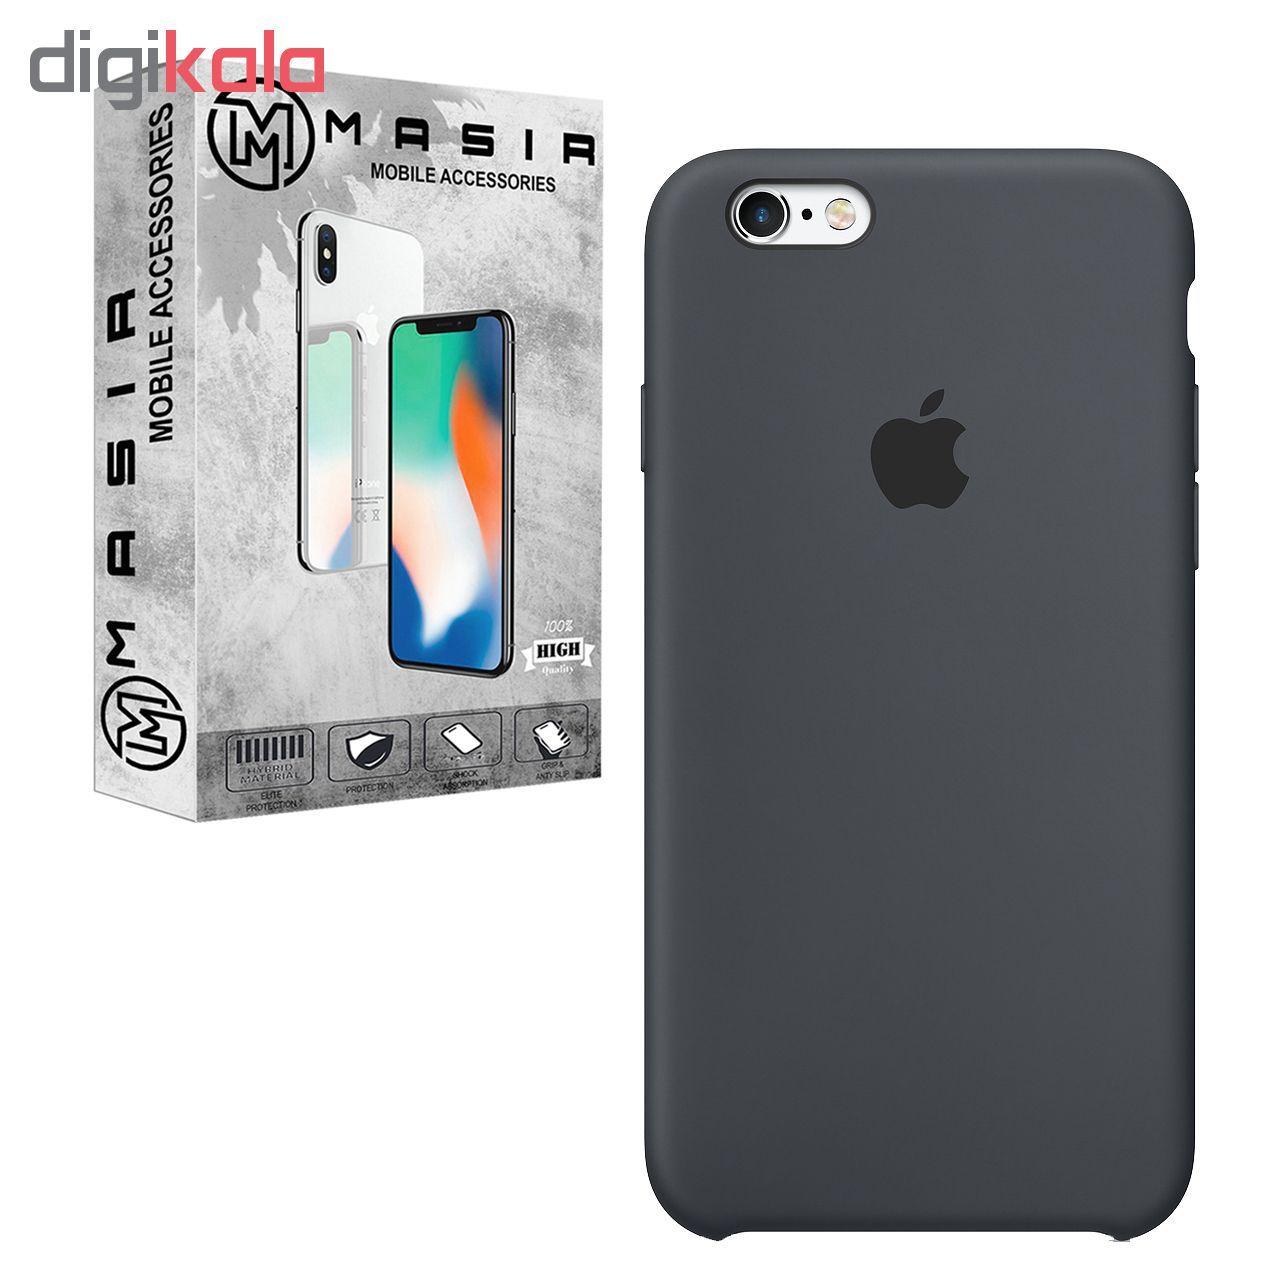 کاور میسر مدل SLC-01 مناسب برای گوشی موبایل اپل iPhone 6/6S main 1 1